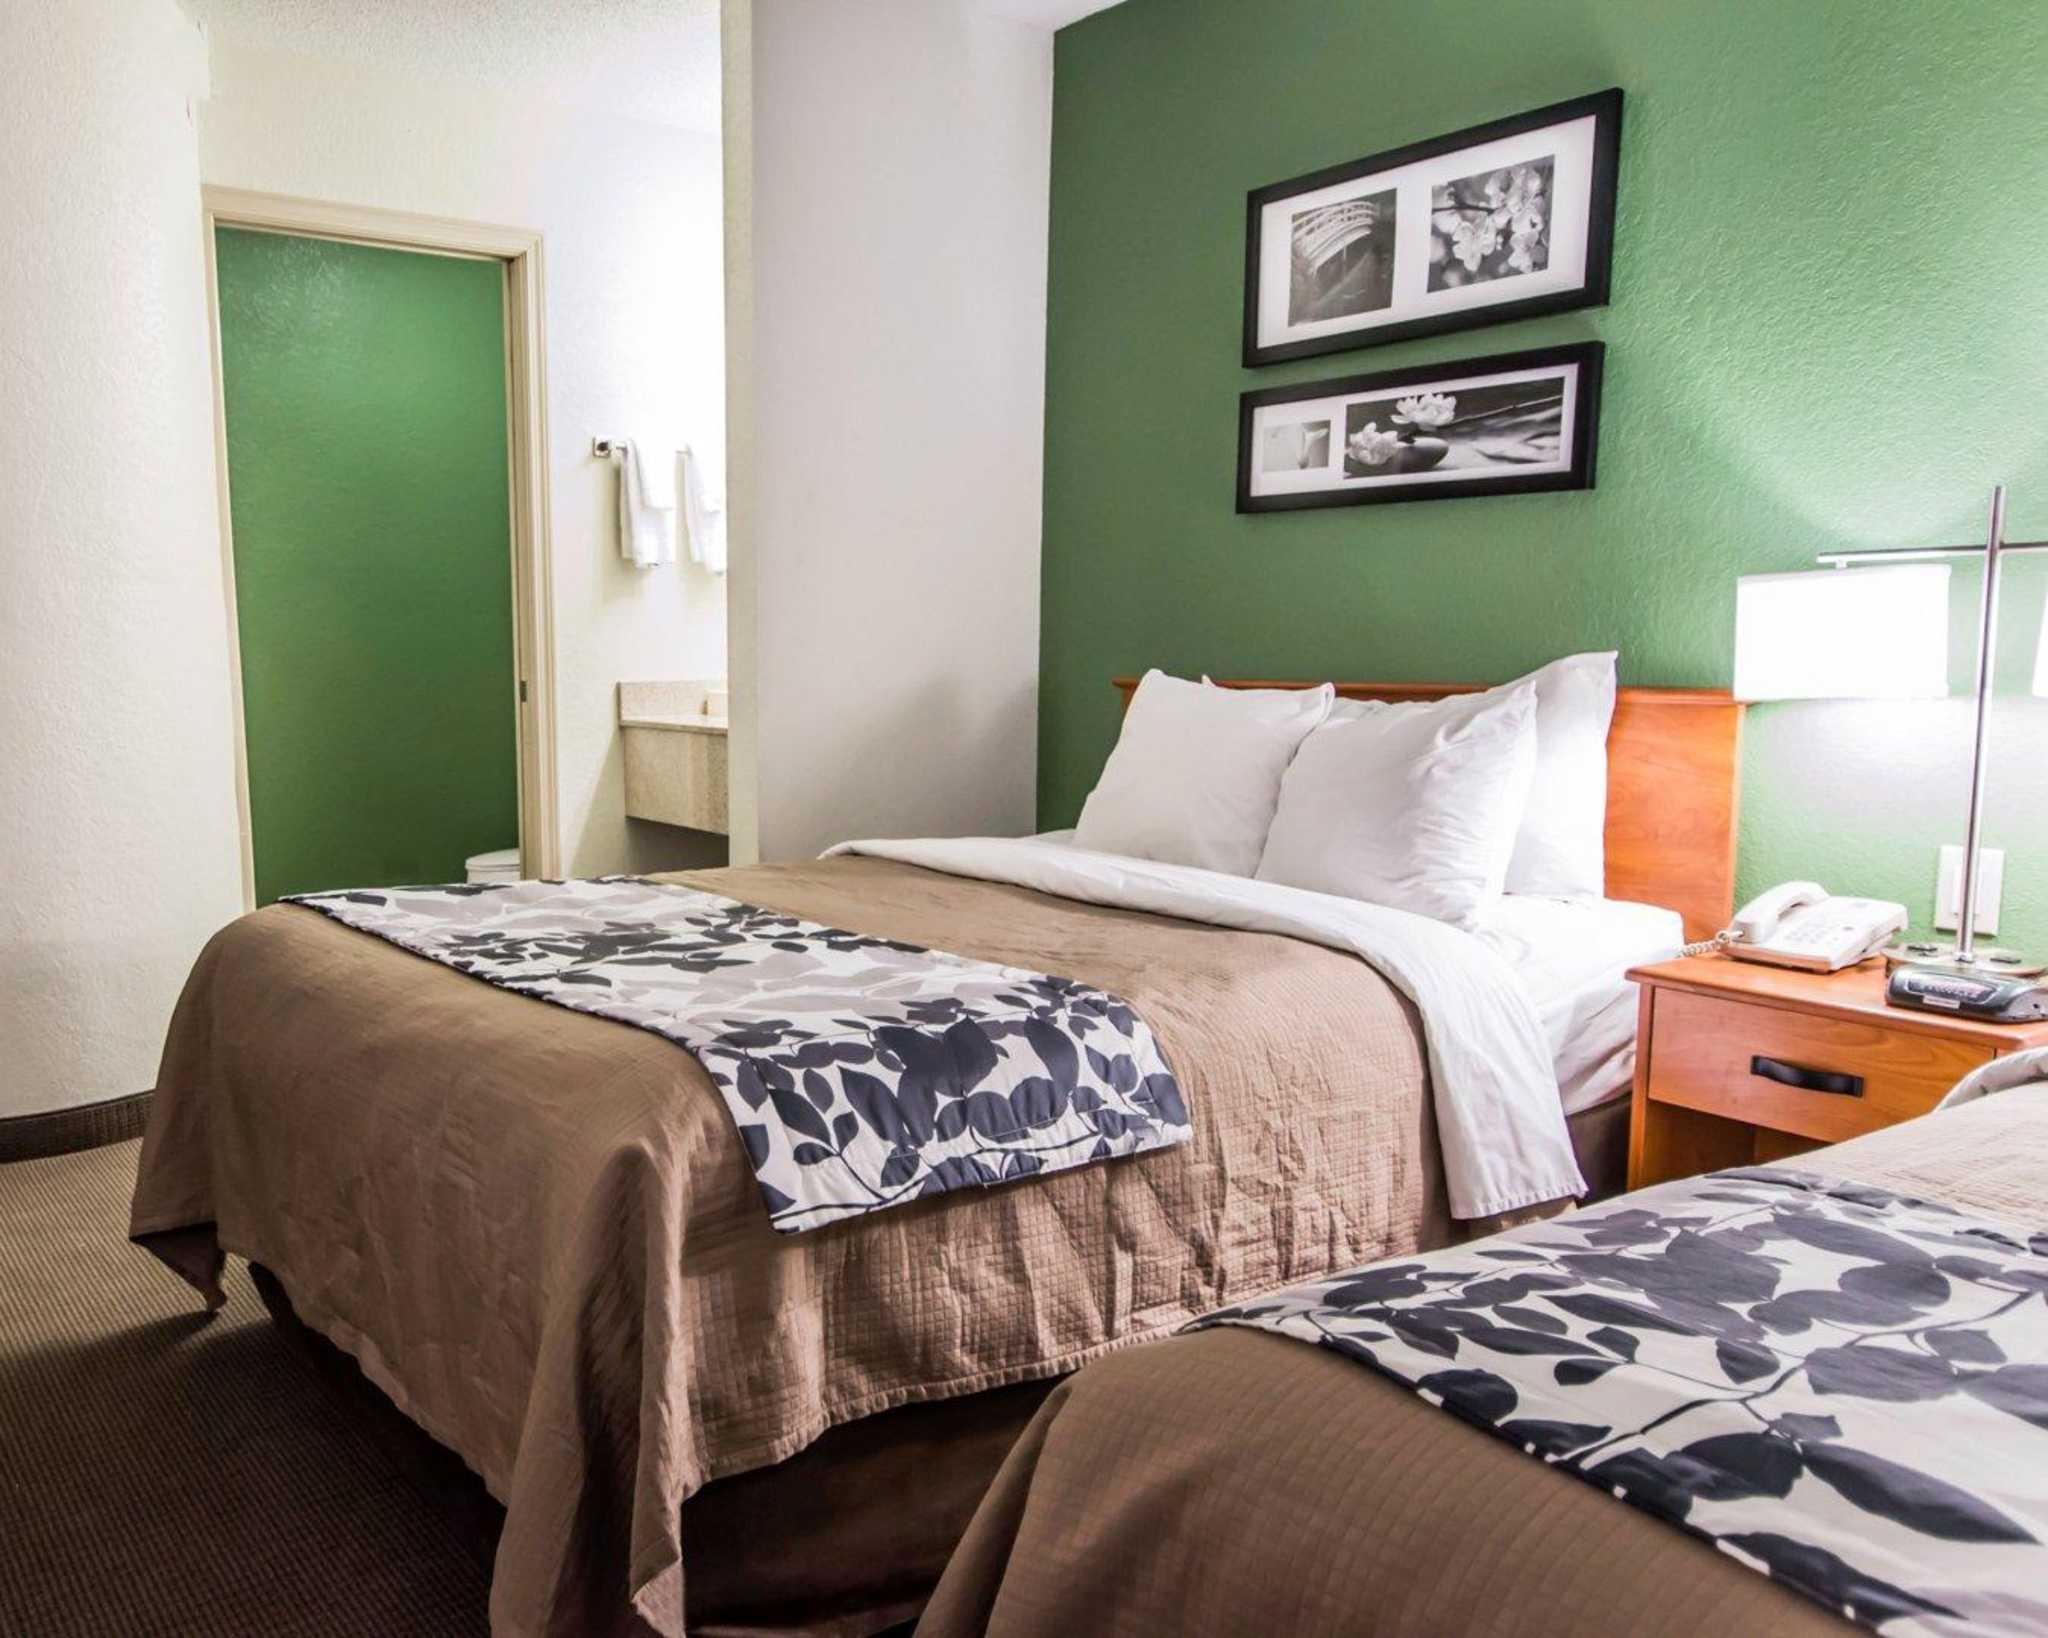 Sleep Inn image 10